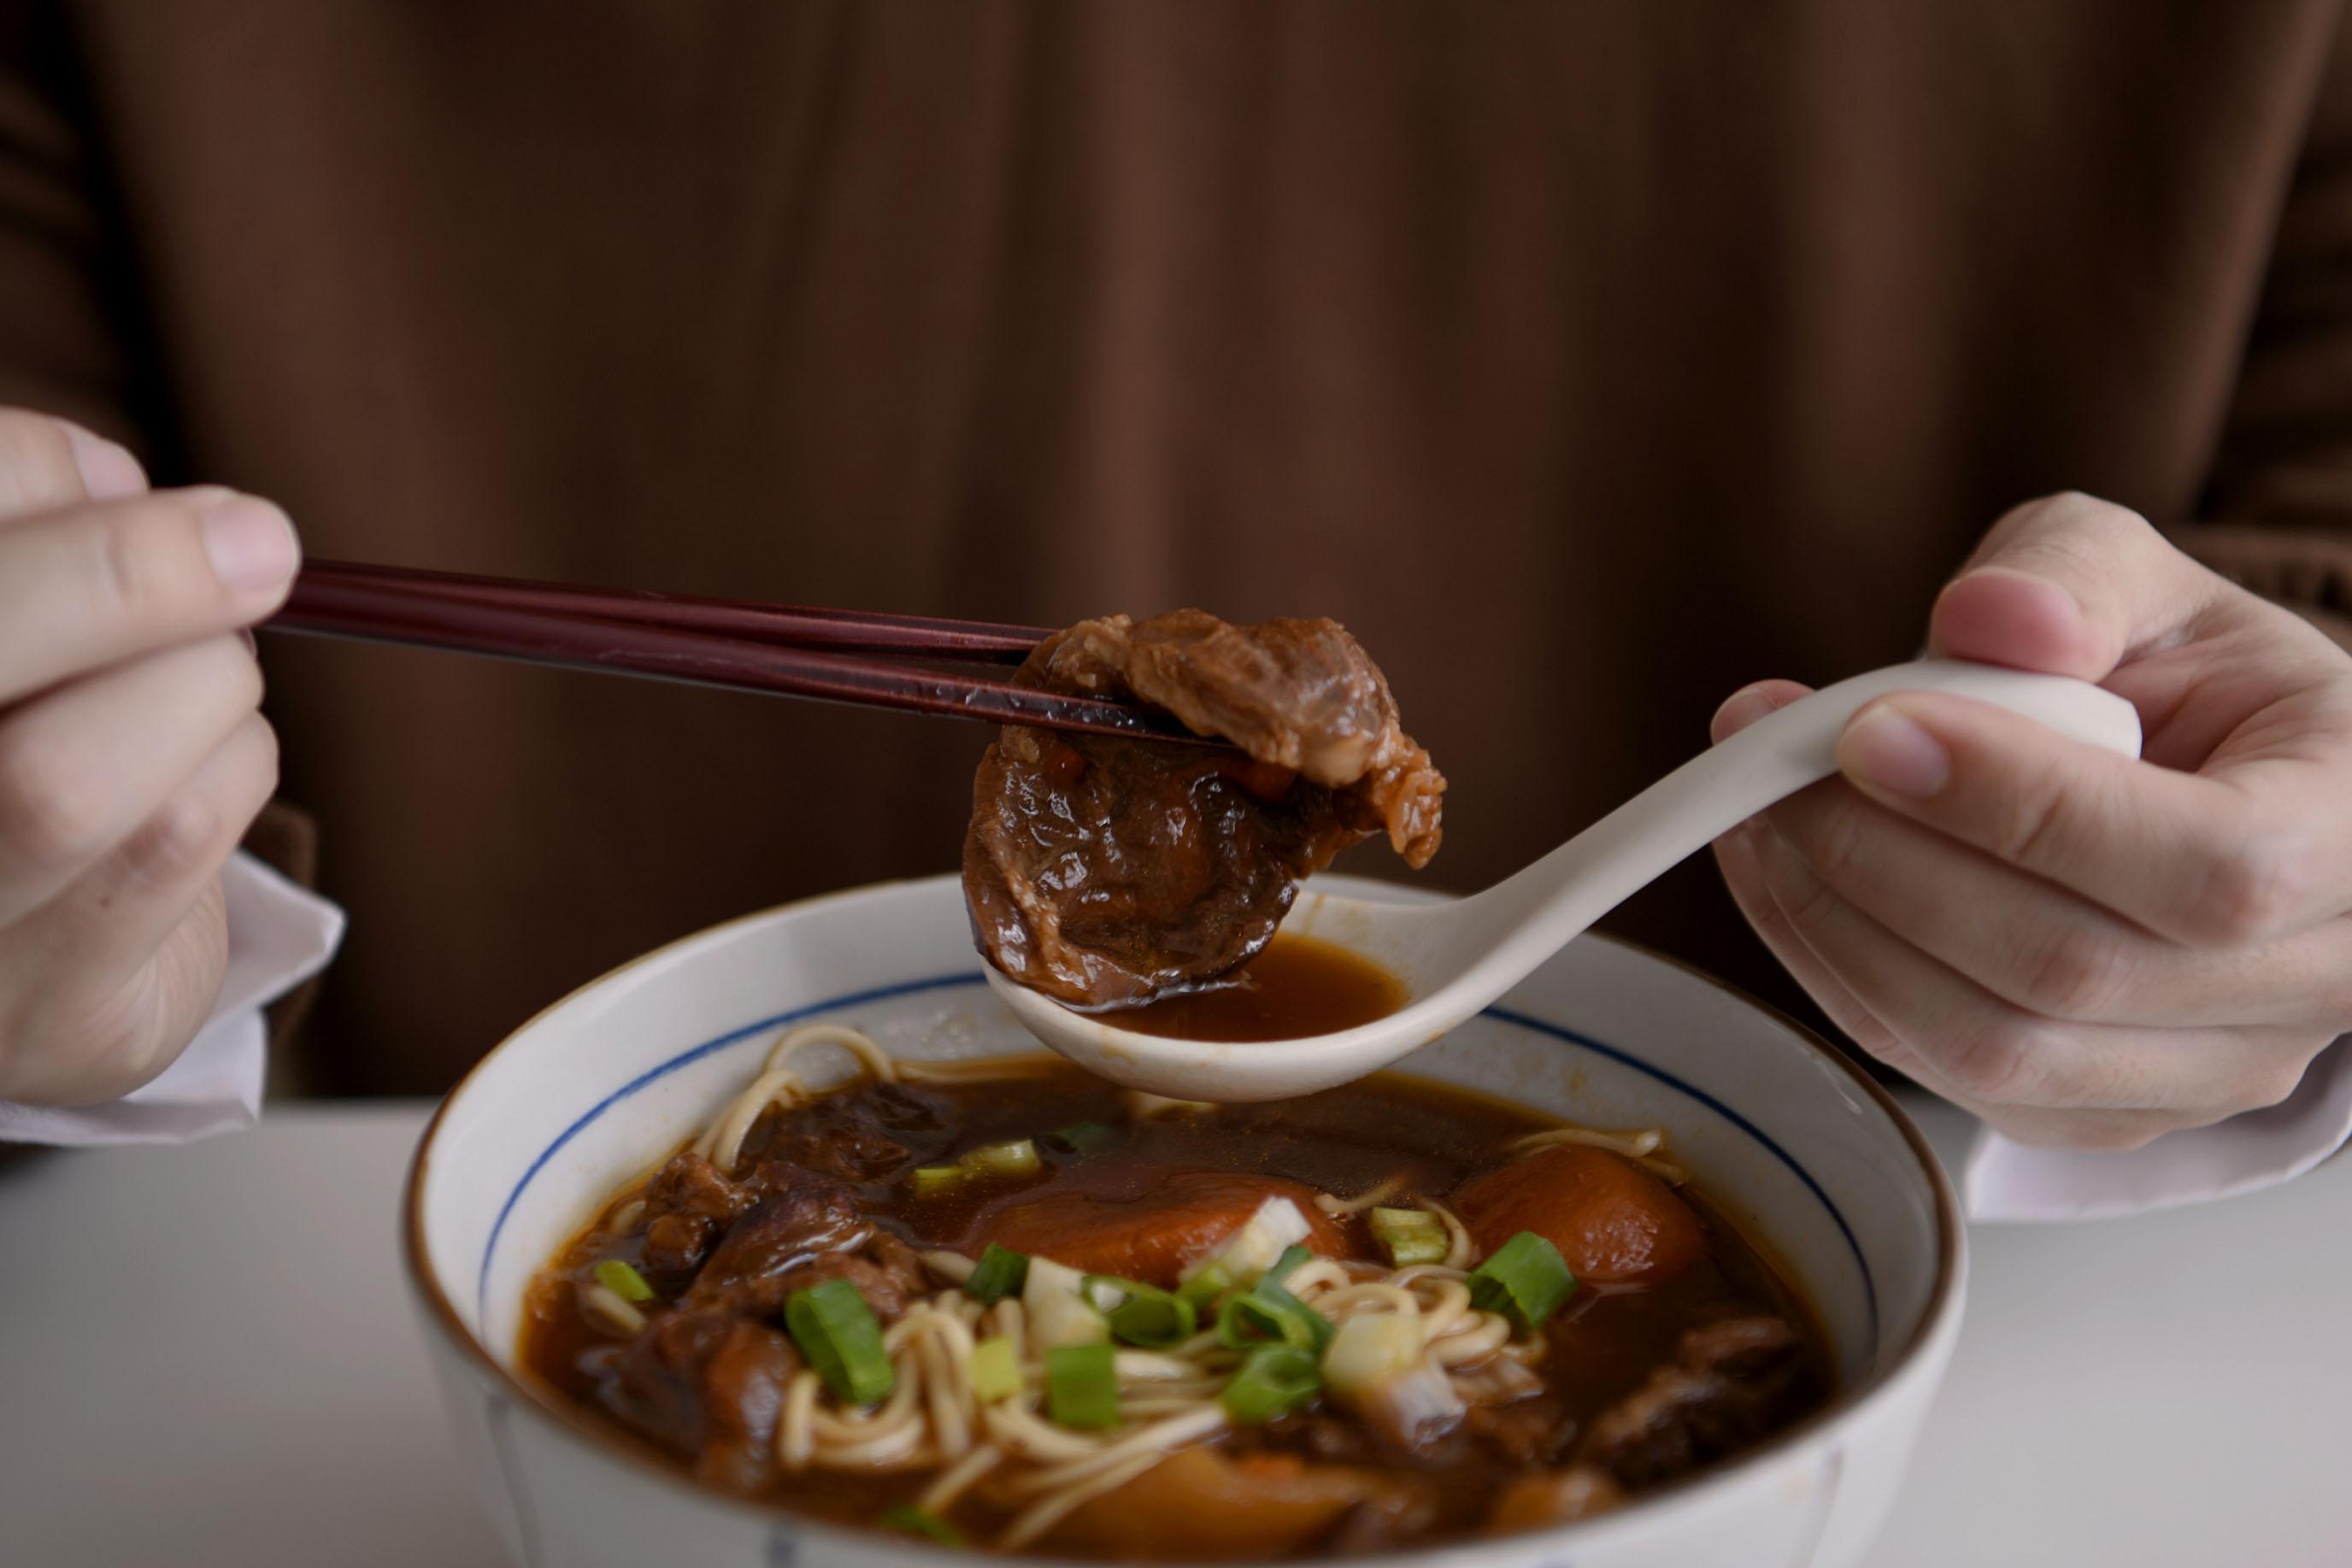 治癒人心的燉煮牛肉,原來幸福可以宅配到家|門前隱味牛肉麵